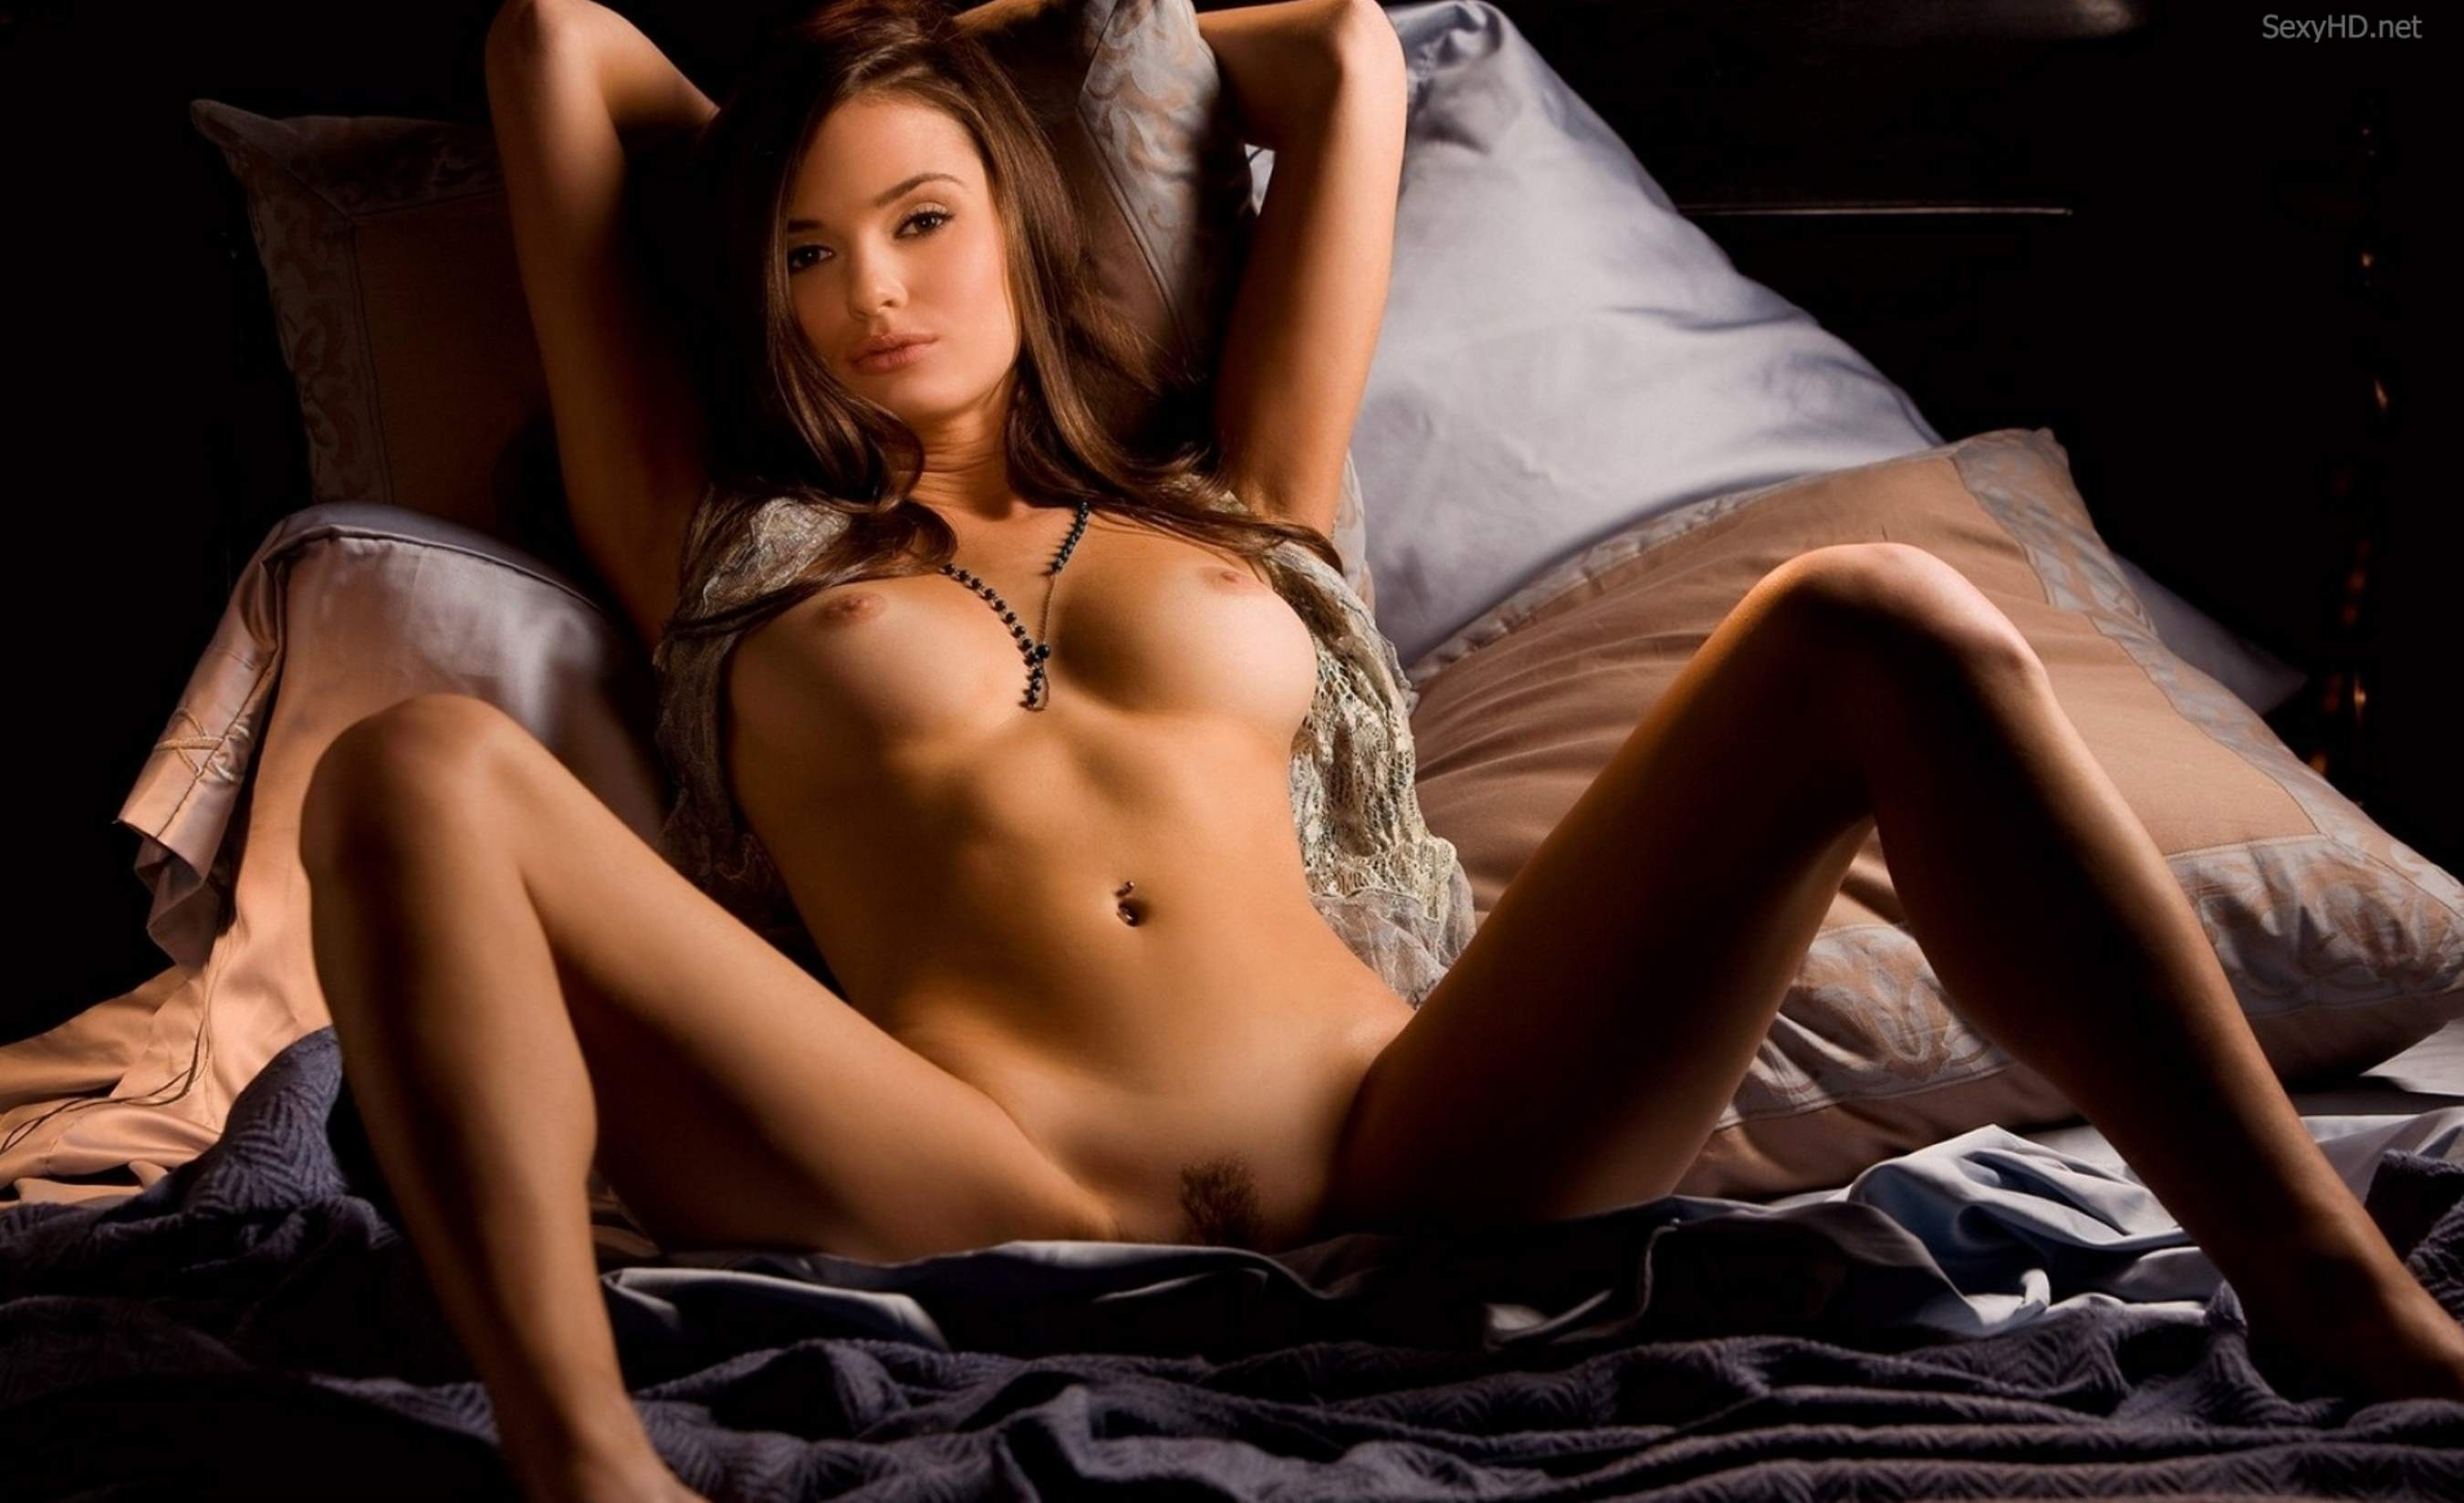 Секс с шикарной красивой русской моделью 18 фотография